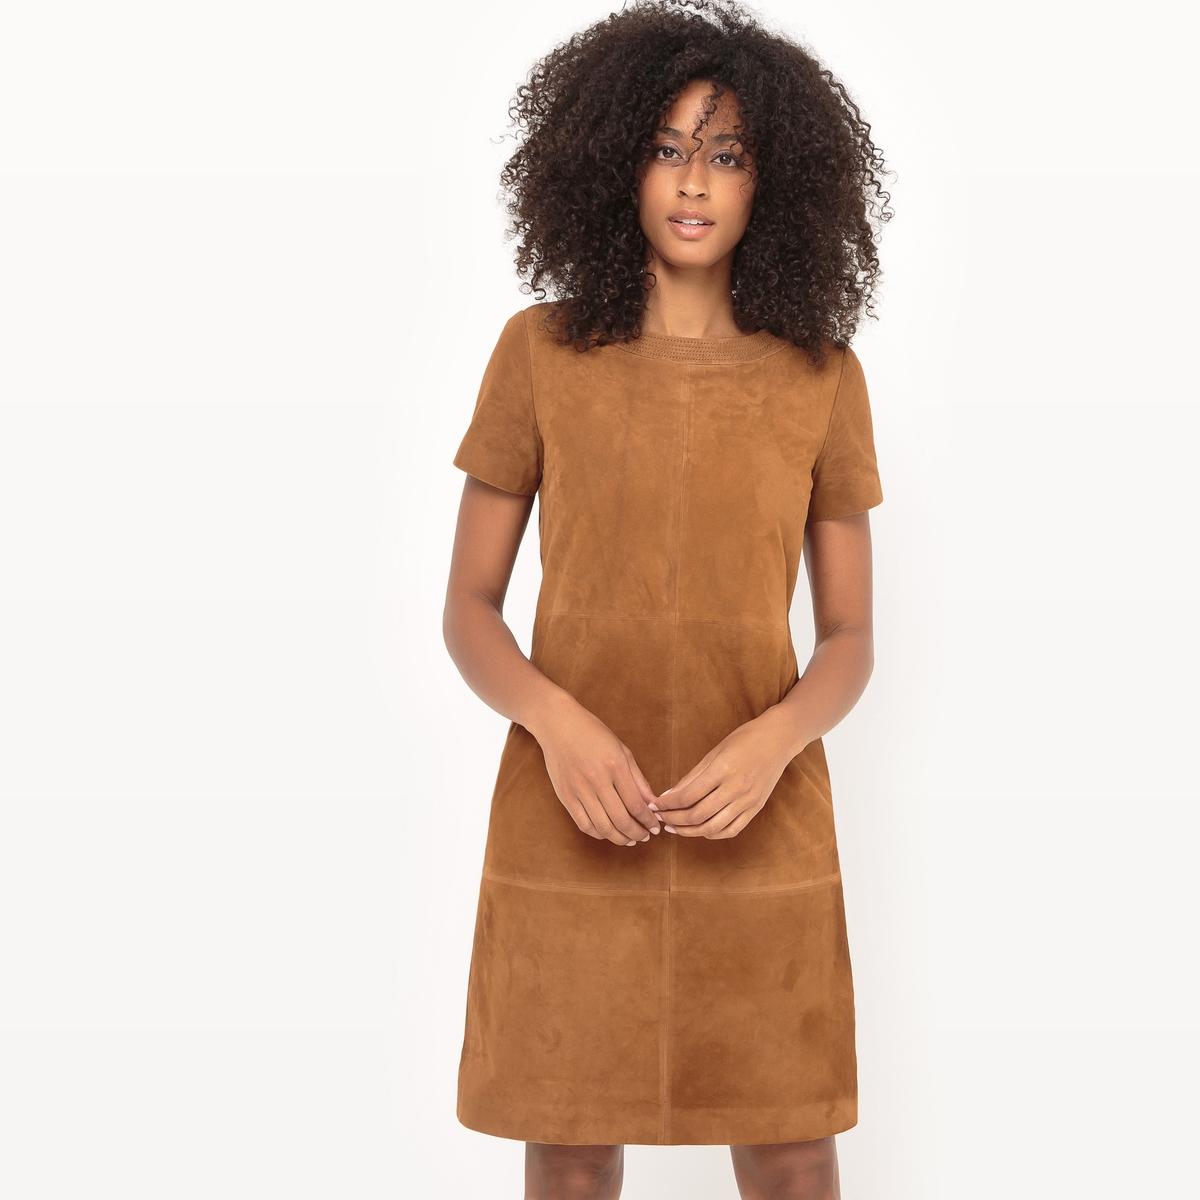 Платье прямое, 100% кожаДетали  •  Форма :прямая  •  Длина до колен •  Короткие рукава    •  Круглый вырезСостав и уход •  100% козья кожа  •  Подкладка  : 72% хлопка, 28% полиэстера. •  Следуйте советам по уходу, указанным на этикетке<br><br>Цвет: темно-бежевый,темно-синий<br>Размер: 50 (FR) - 56 (RUS).40 (FR) - 46 (RUS).38 (FR) - 44 (RUS).36 (FR) - 42 (RUS).36 (FR) - 42 (RUS).52 (FR) - 58 (RUS).38 (FR) - 44 (RUS).42 (FR) - 48 (RUS).48 (FR) - 54 (RUS)